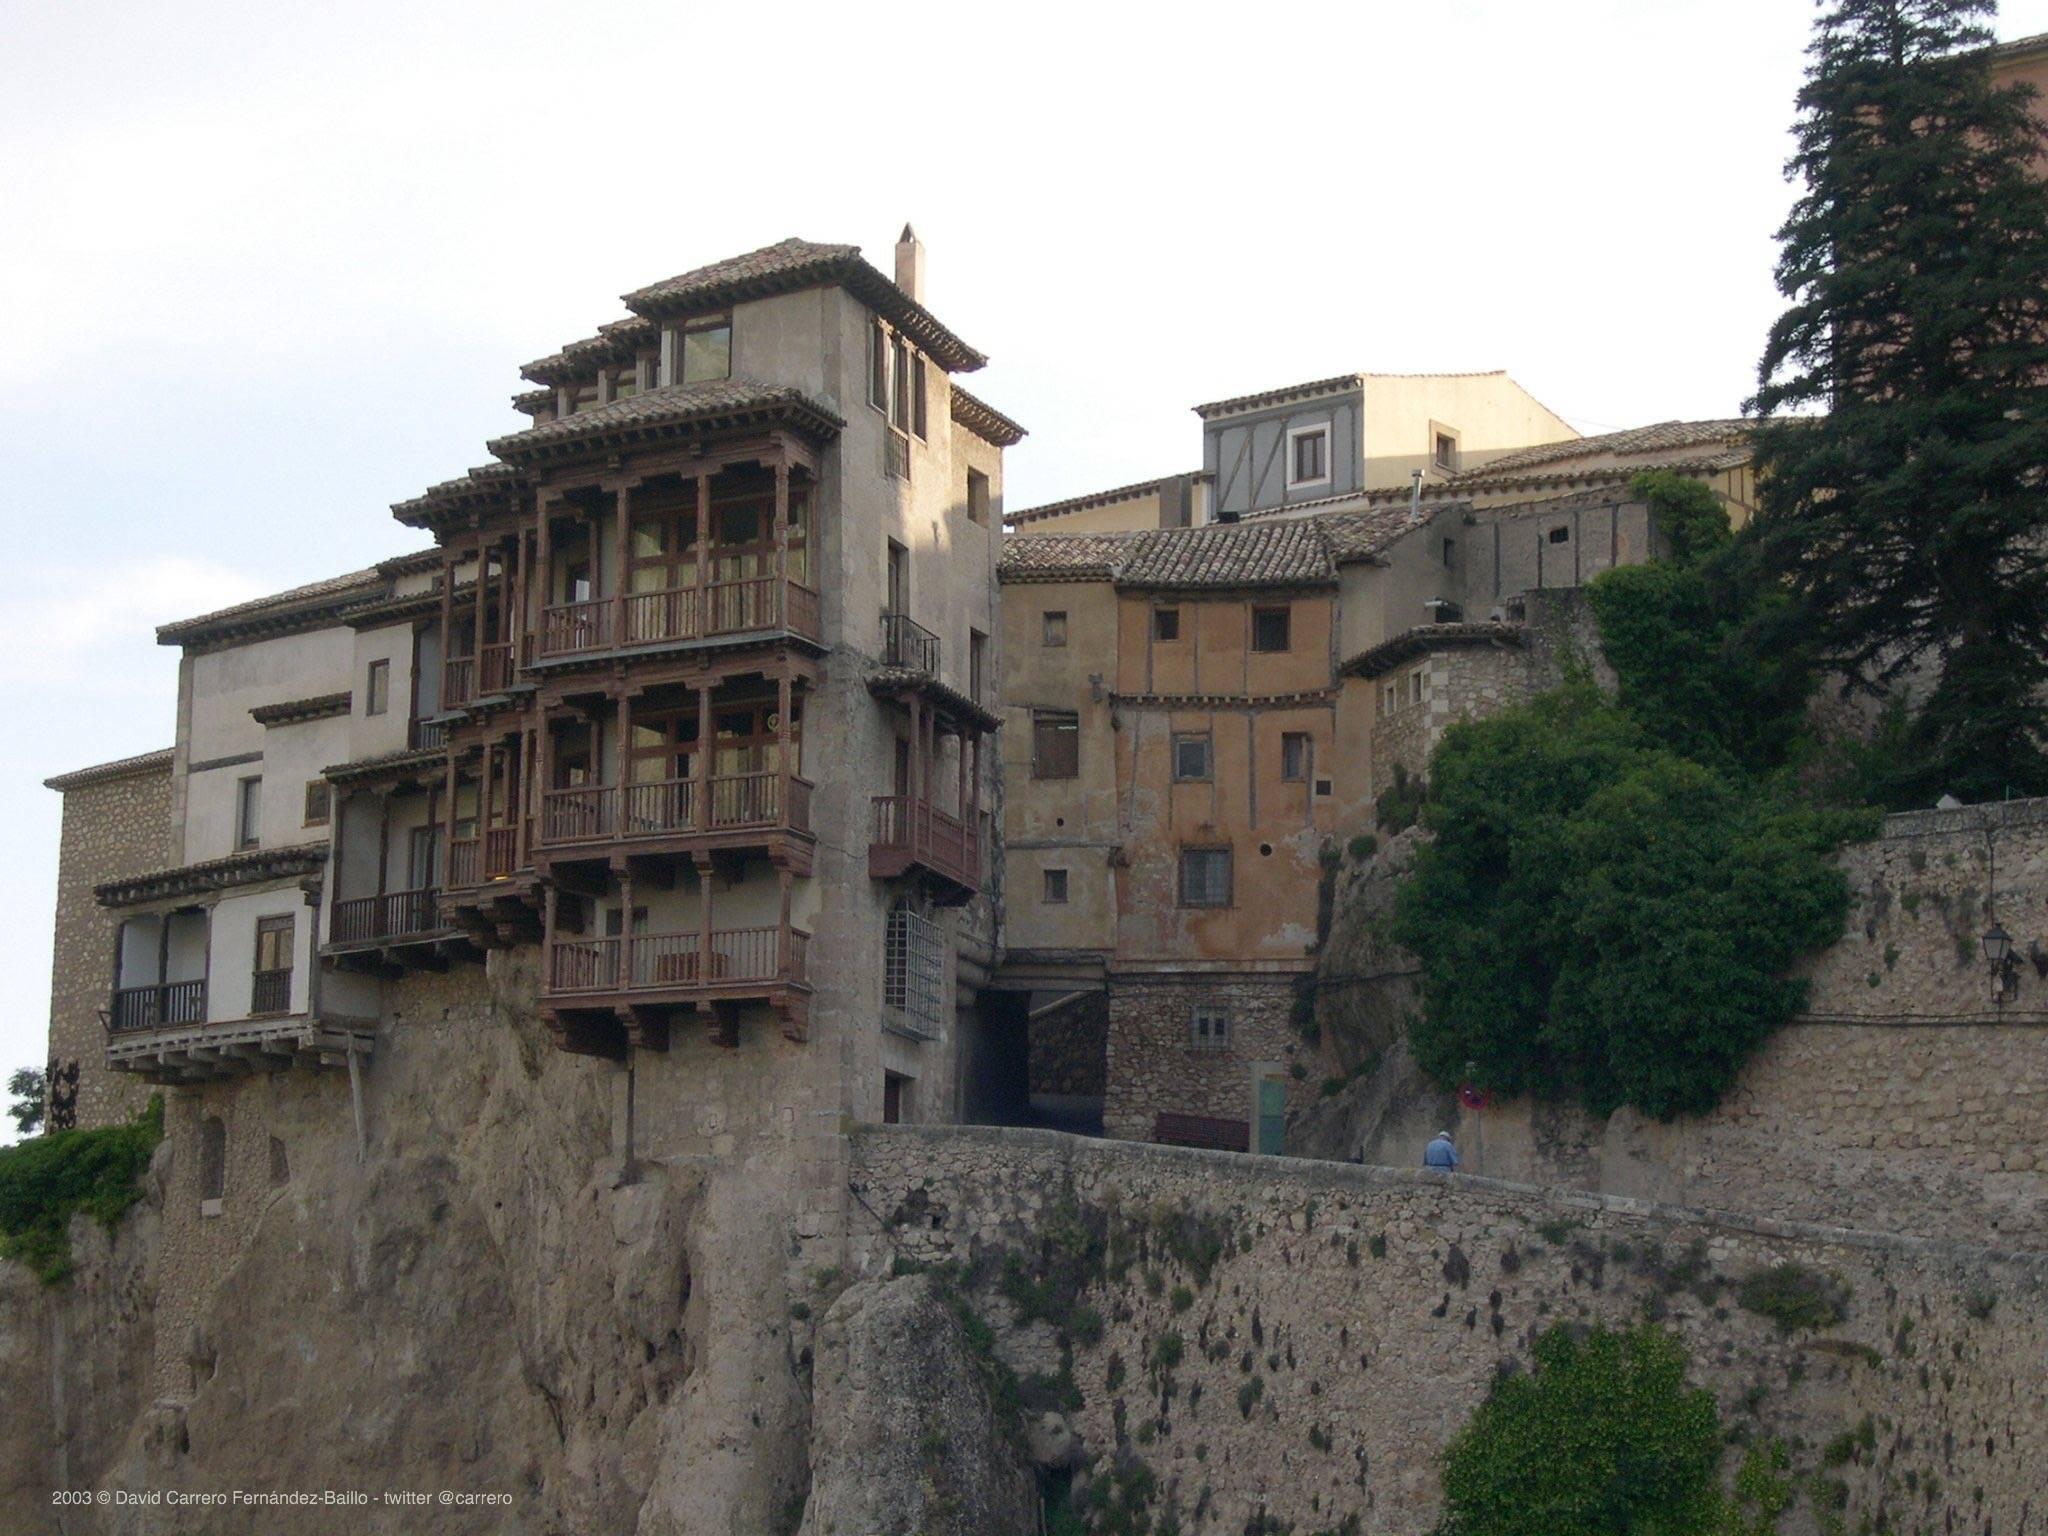 Casas Colgadas en Cuenca. Foto David Carrero Fdez-Baillo